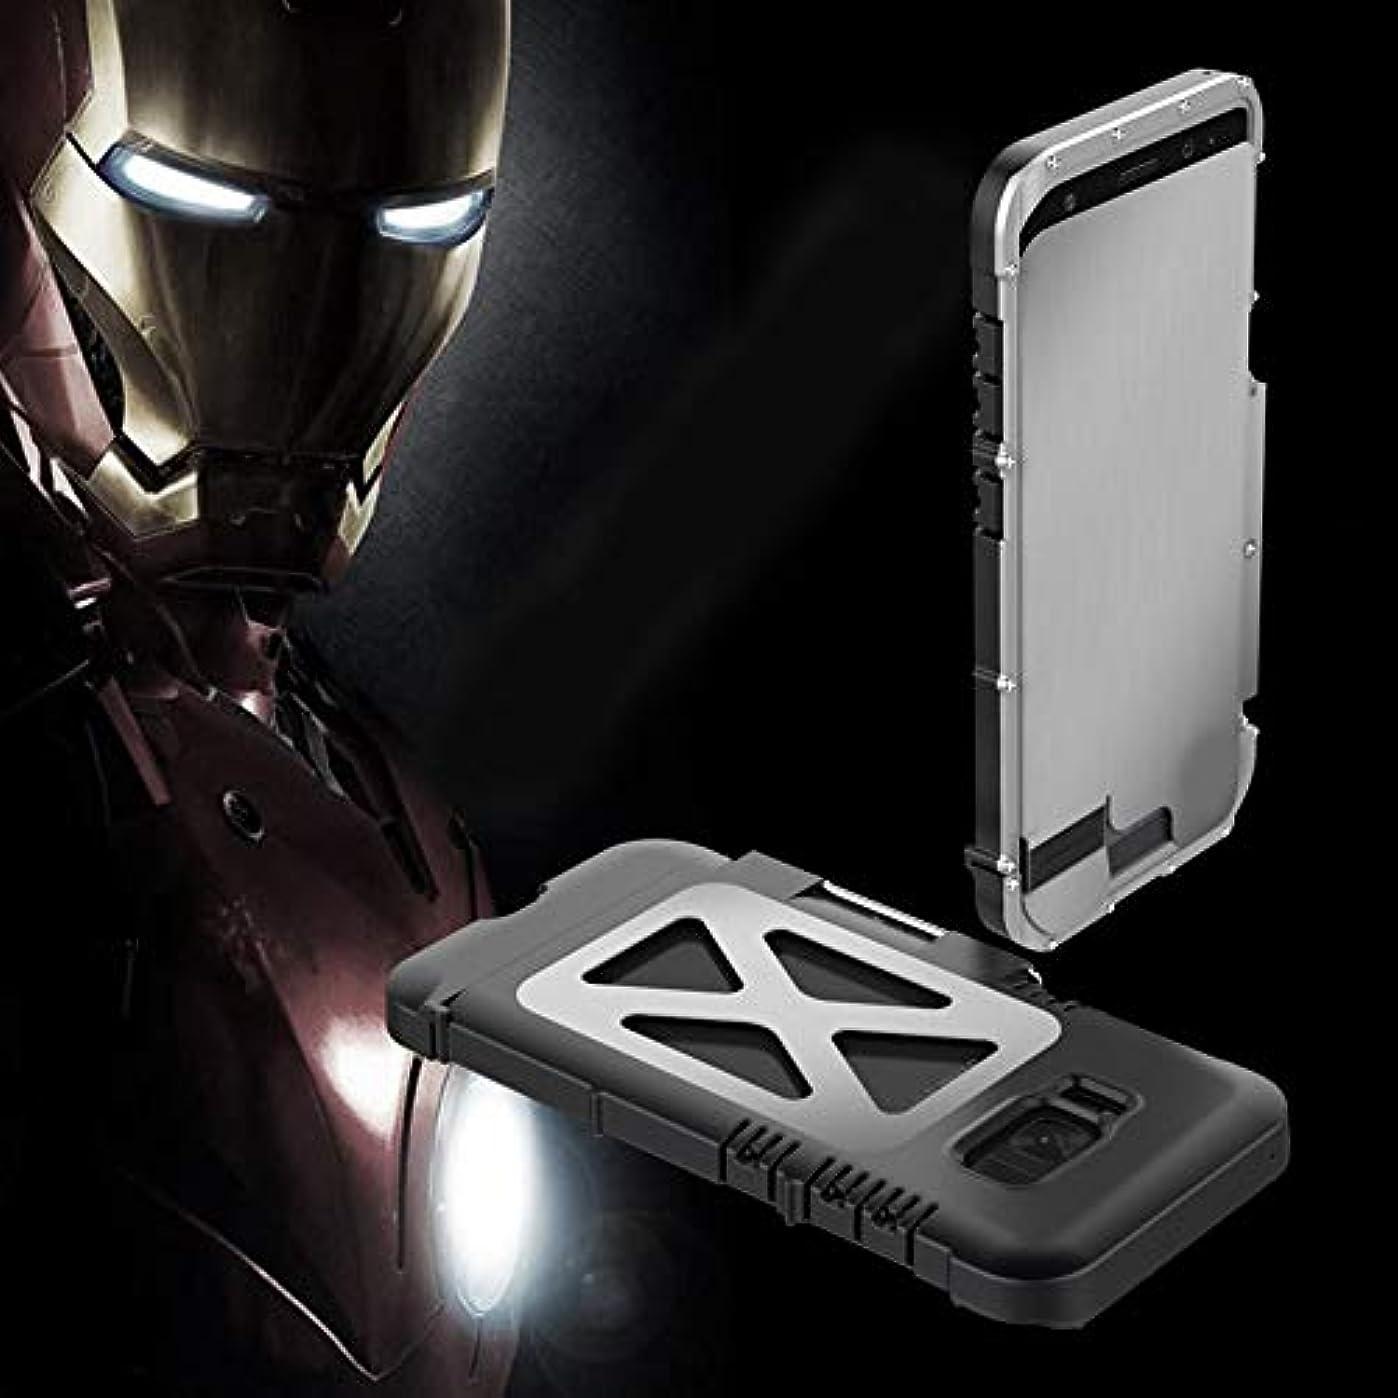 多様体差オリエントTonglilili 携帯電話ケース、サムスンS5、S6、S6エッジ、S6エッジプラス、S7、S7エッジ、S8、S8、S9、S9用ブラケット落下防止クリエイティブスリーインワンメタルフリップアイアンマン保護携帯電話シェルホーンケースプラス (Color : Silver, Edition : S8 Plus)